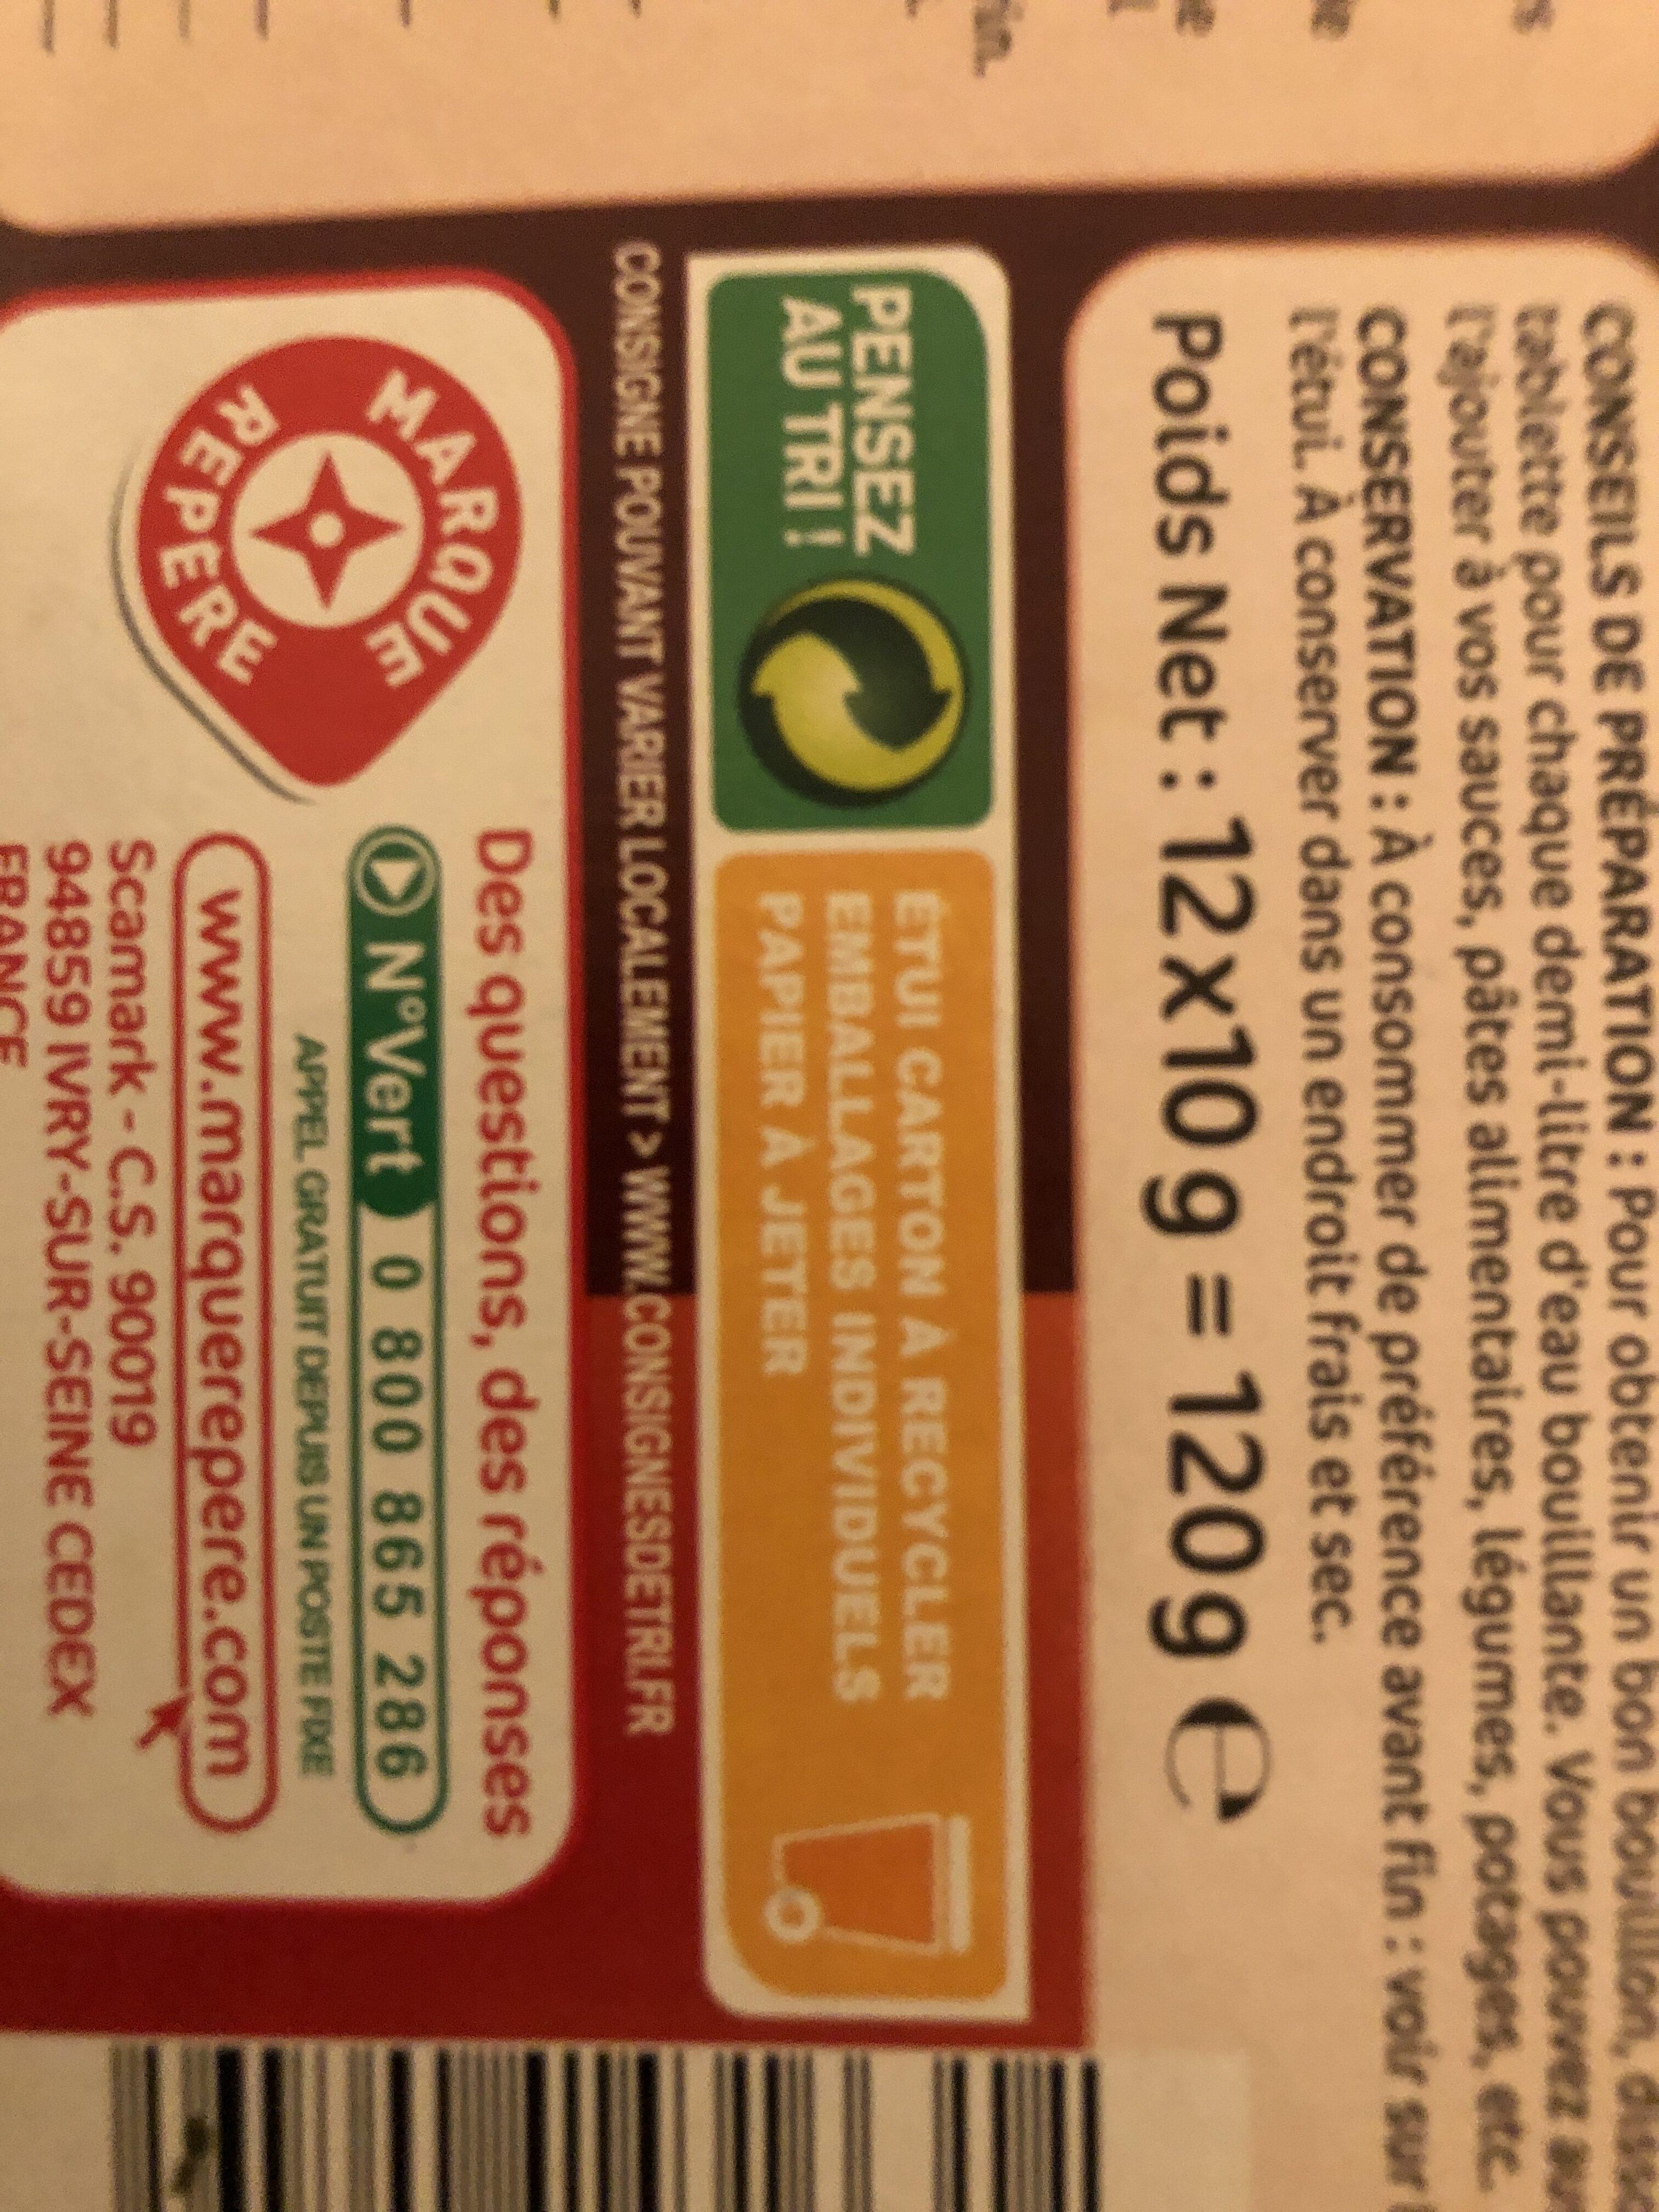 Bouillon de pot au feu déshydraté 12 tablettes - Instruction de recyclage et/ou information d'emballage - fr